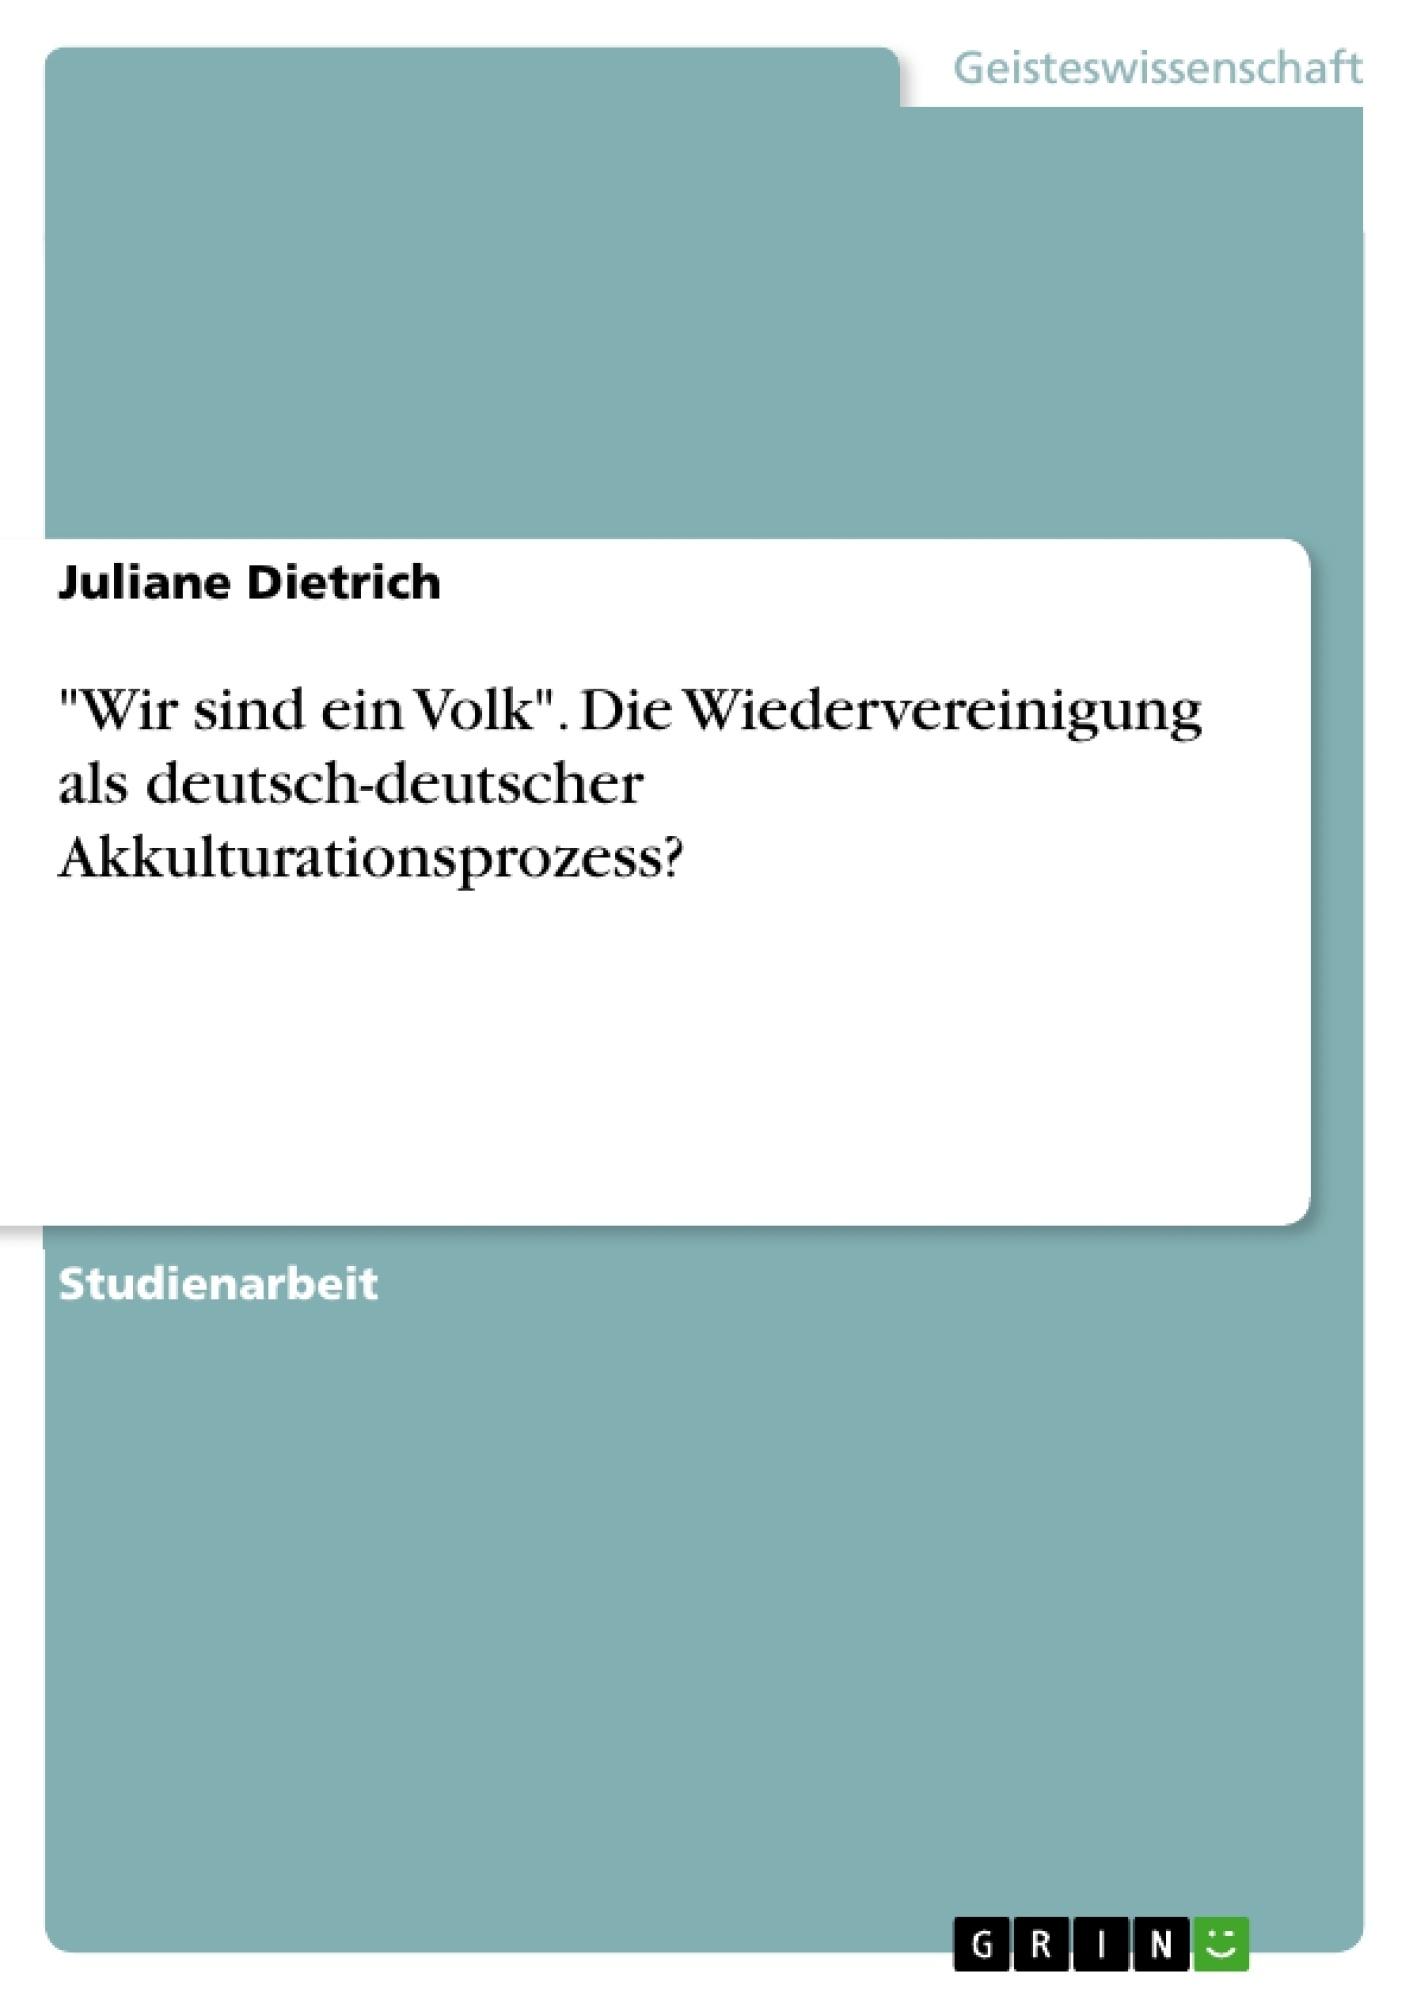 """Titel: """"Wir sind ein Volk"""". Die Wiedervereinigung als deutsch-deutscher Akkulturationsprozess?"""